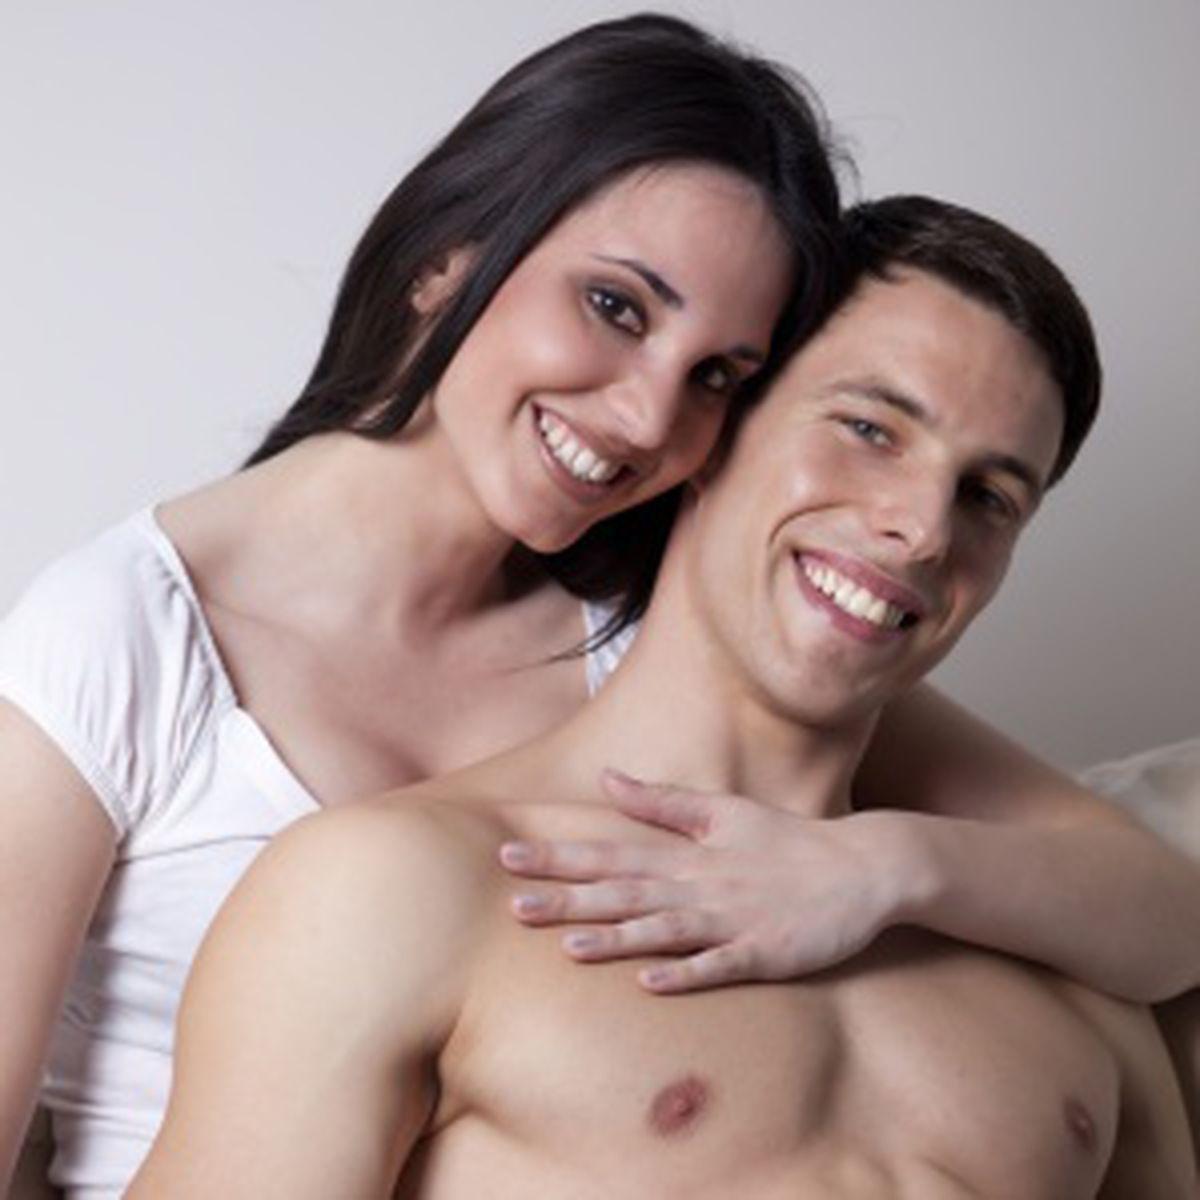 în timpul unei erecții, penisul cade dispozitiv de alungire a penisului